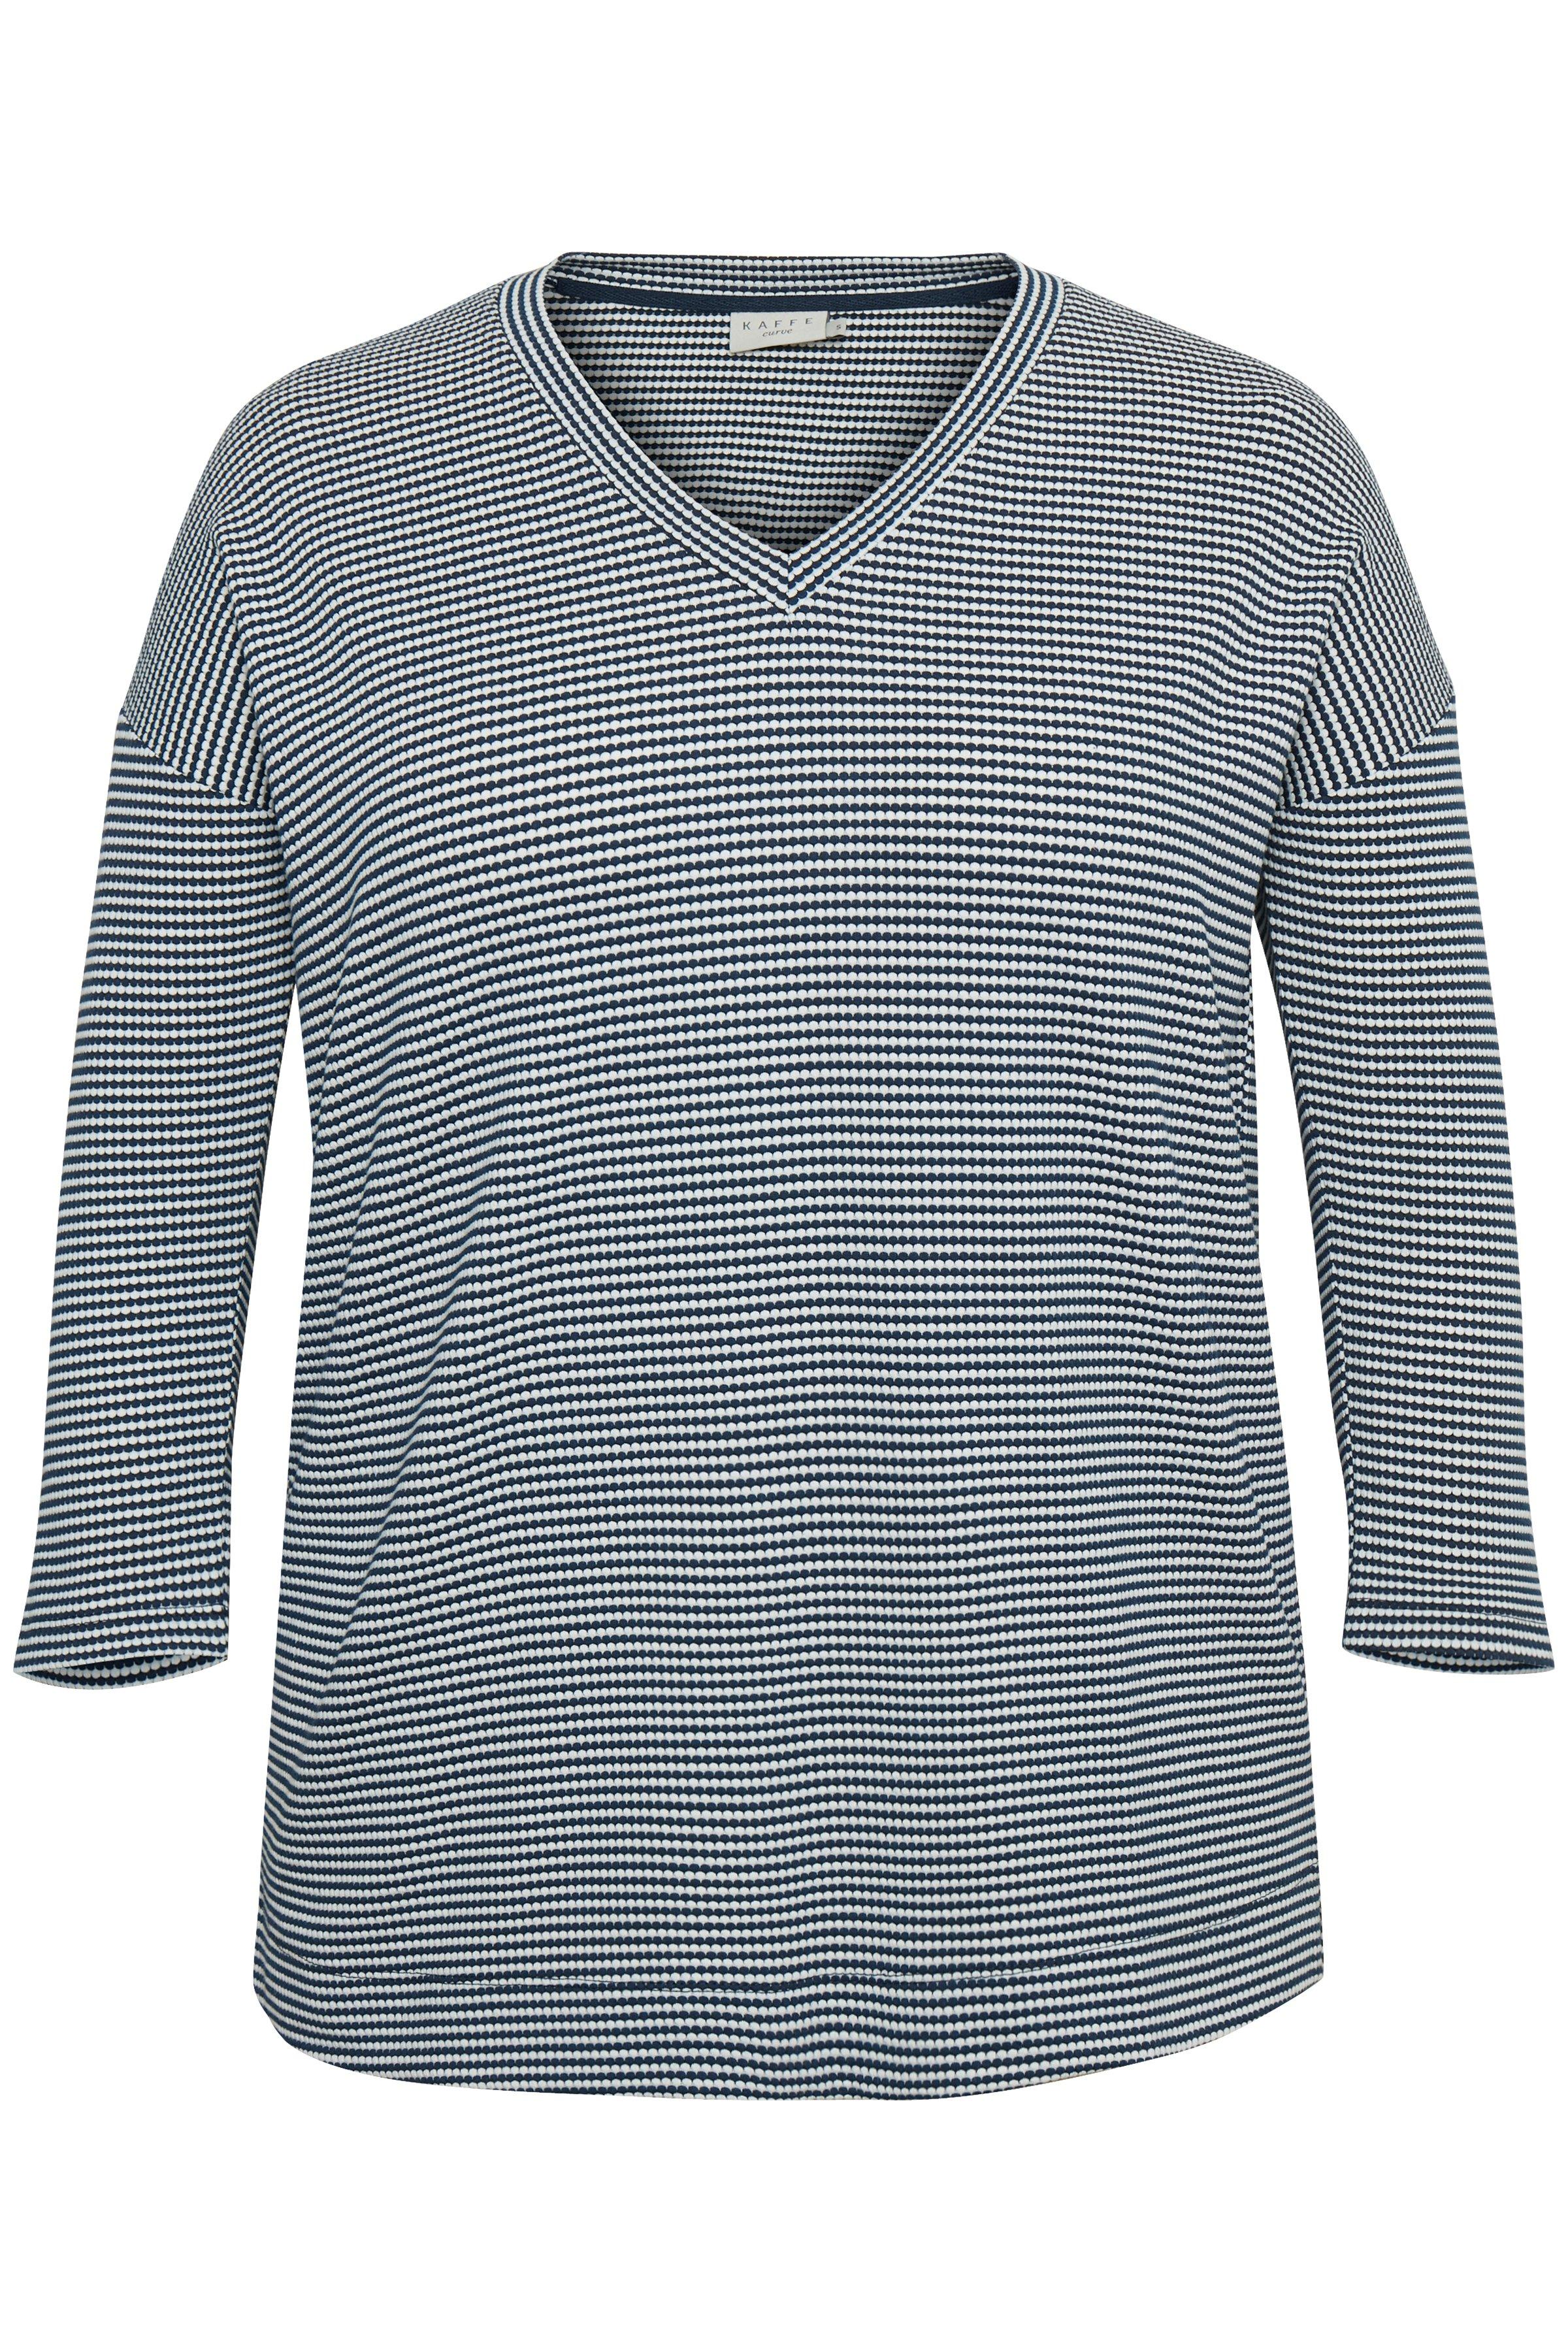 Image of Kaffe Curve Dame T-shirt - Marineblå/hvid